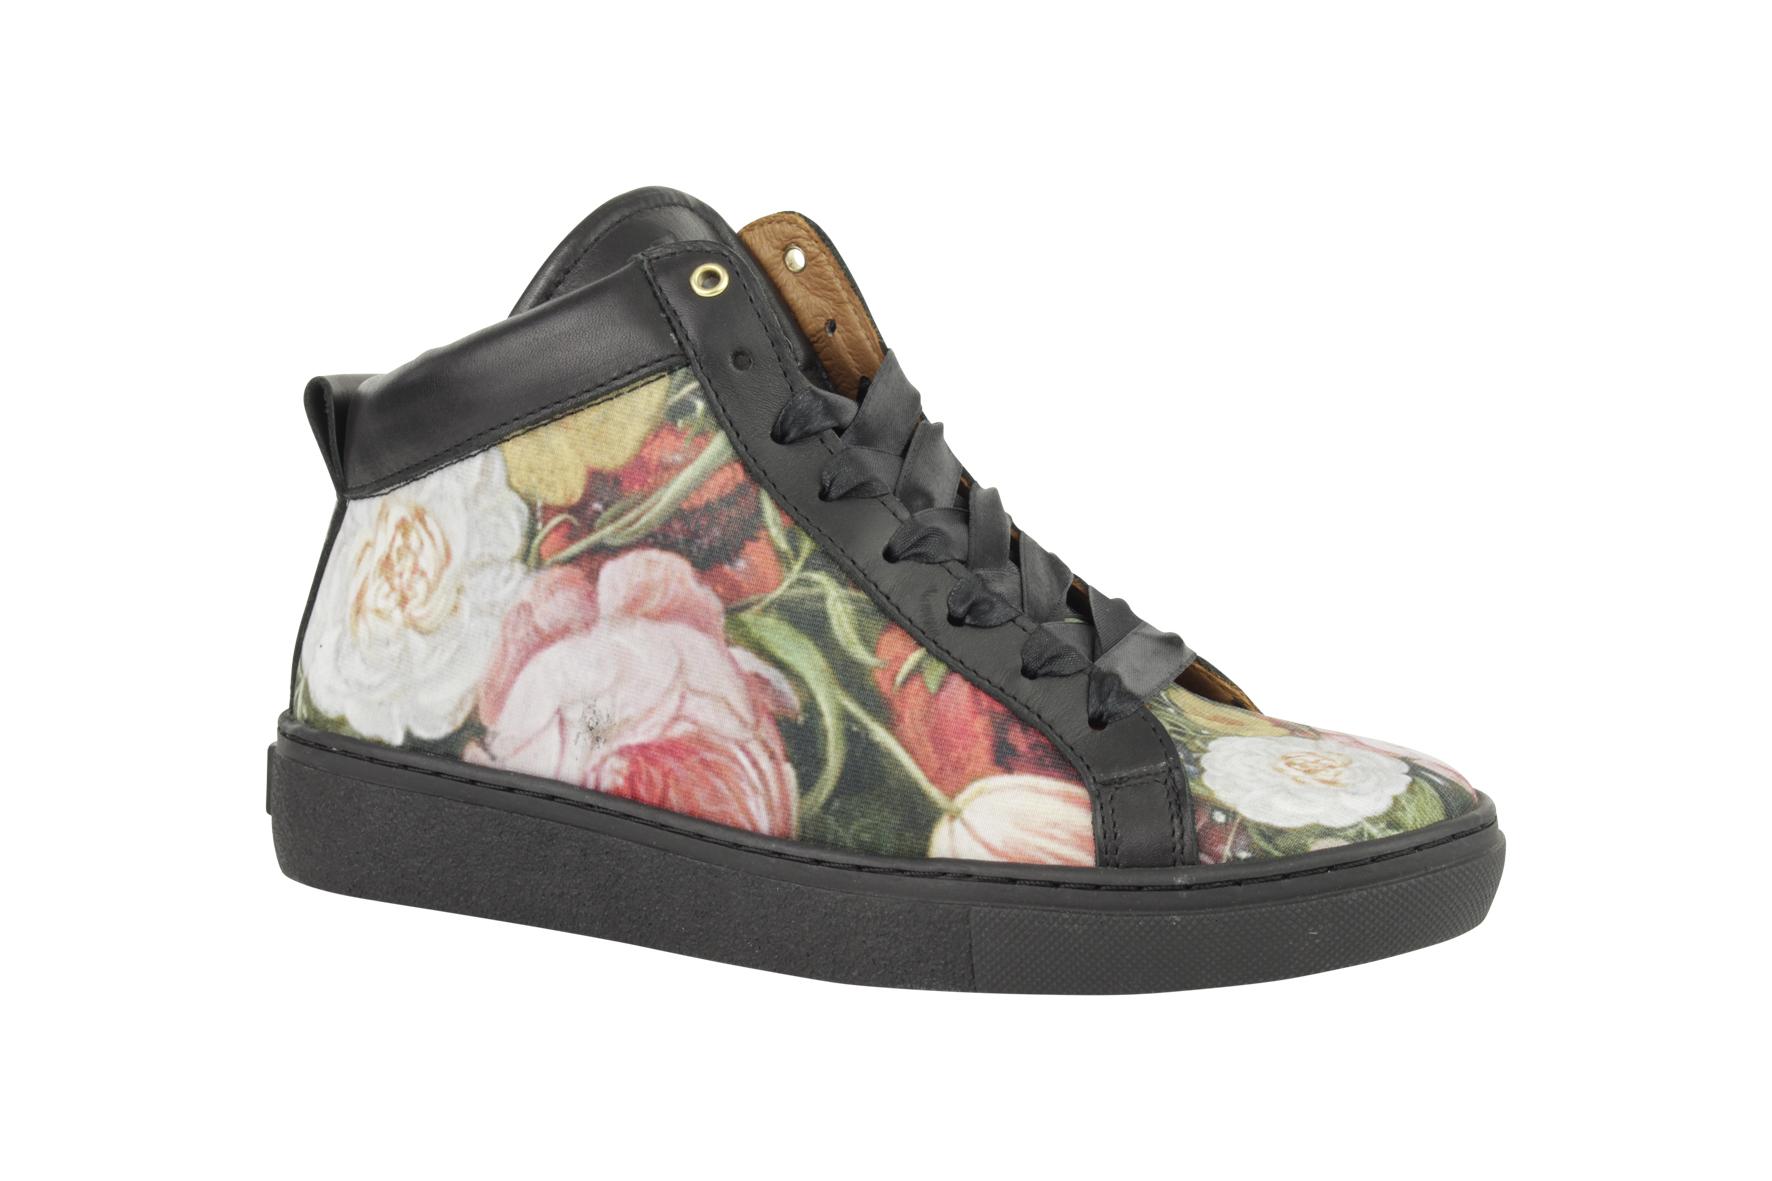 Brave mid sneaker Bloemen Schoock from LINKKENS